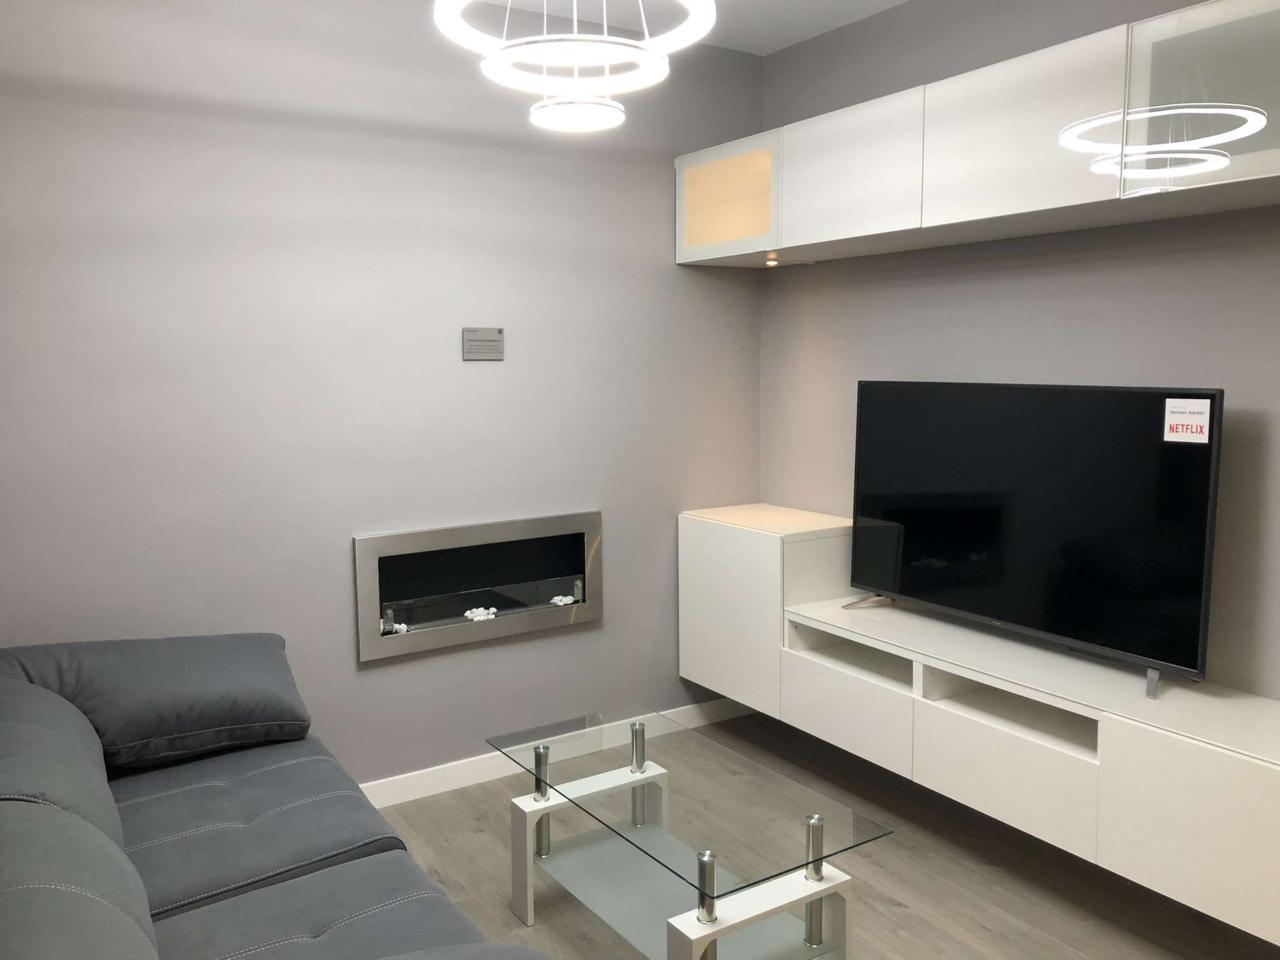 Inmobiliaria madrid vender piso en madrid alquiler en prosperidad piso en venta en madrid - Pisos a estrenar en madrid ...